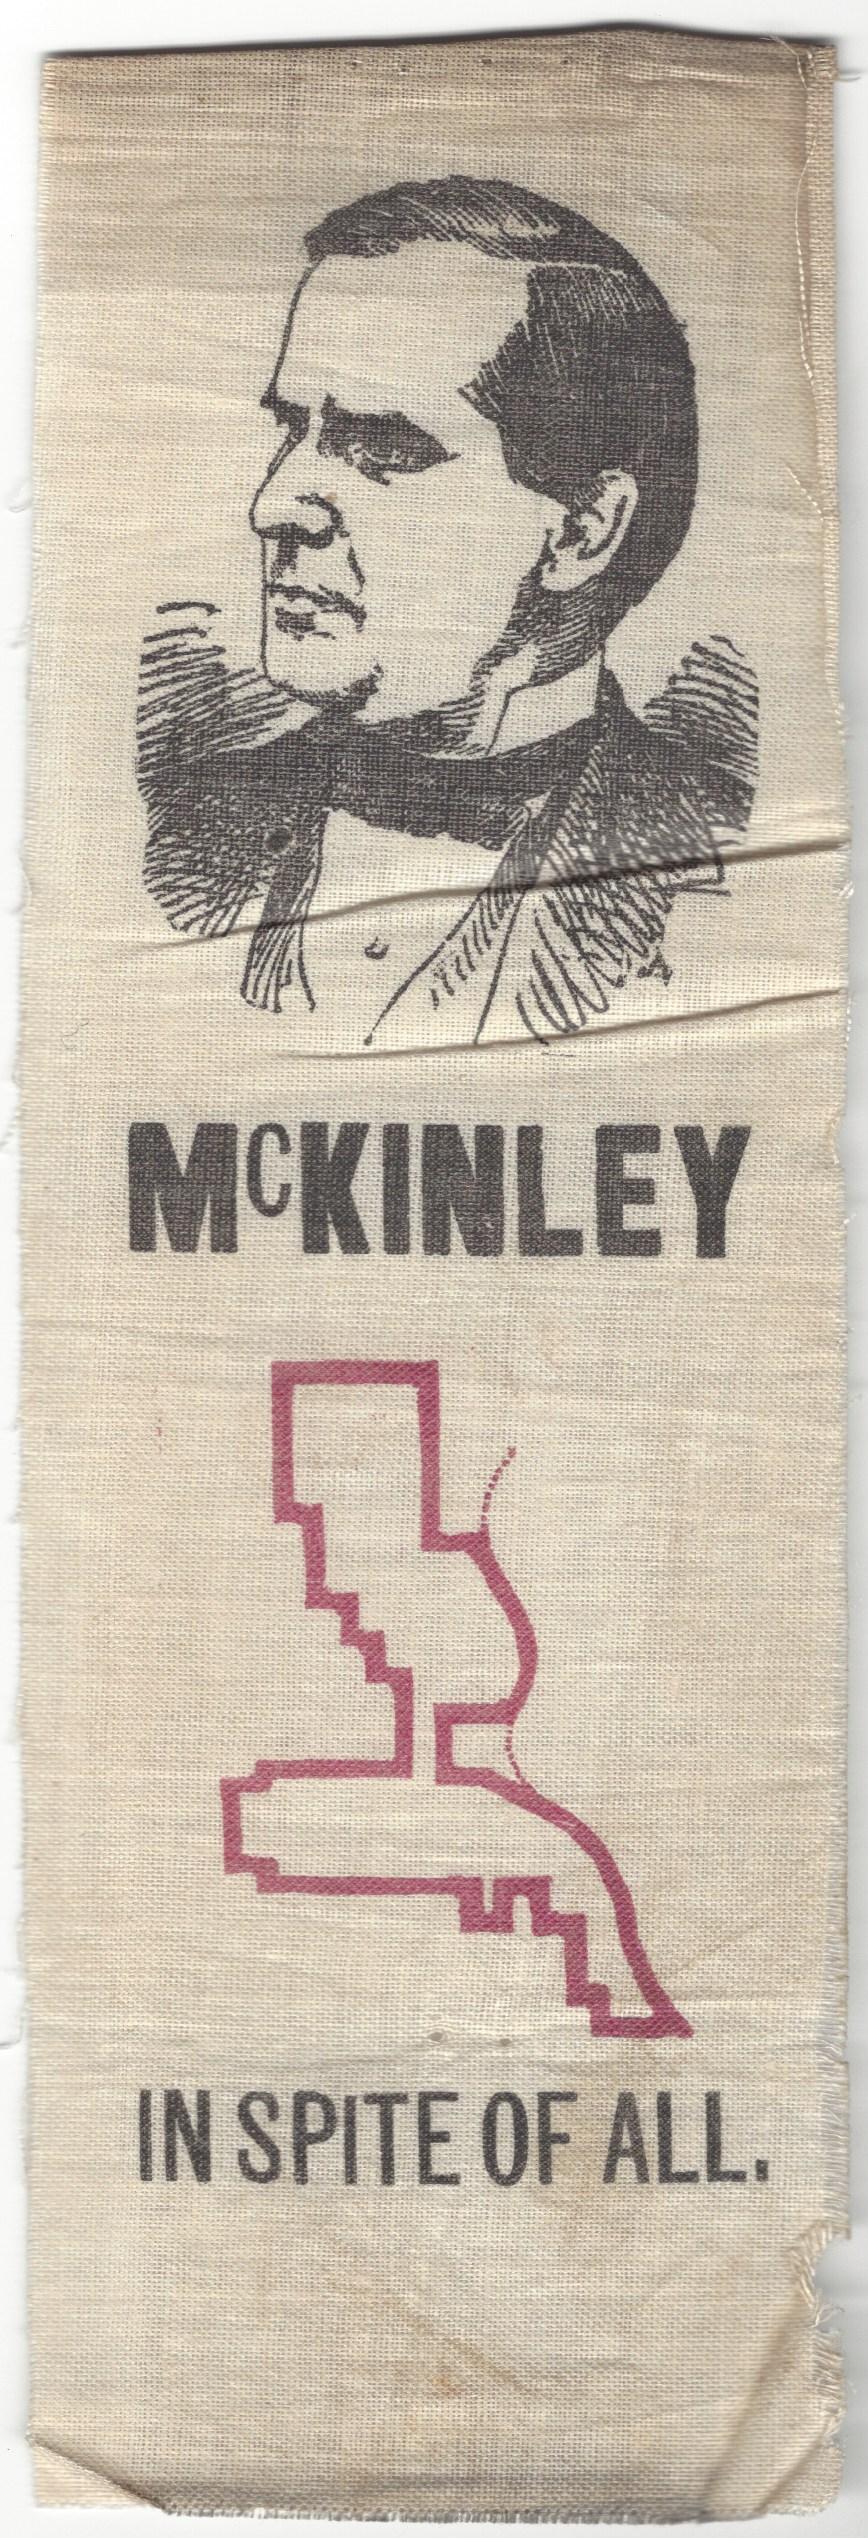 OHCong-McKINLEY01.jpeg